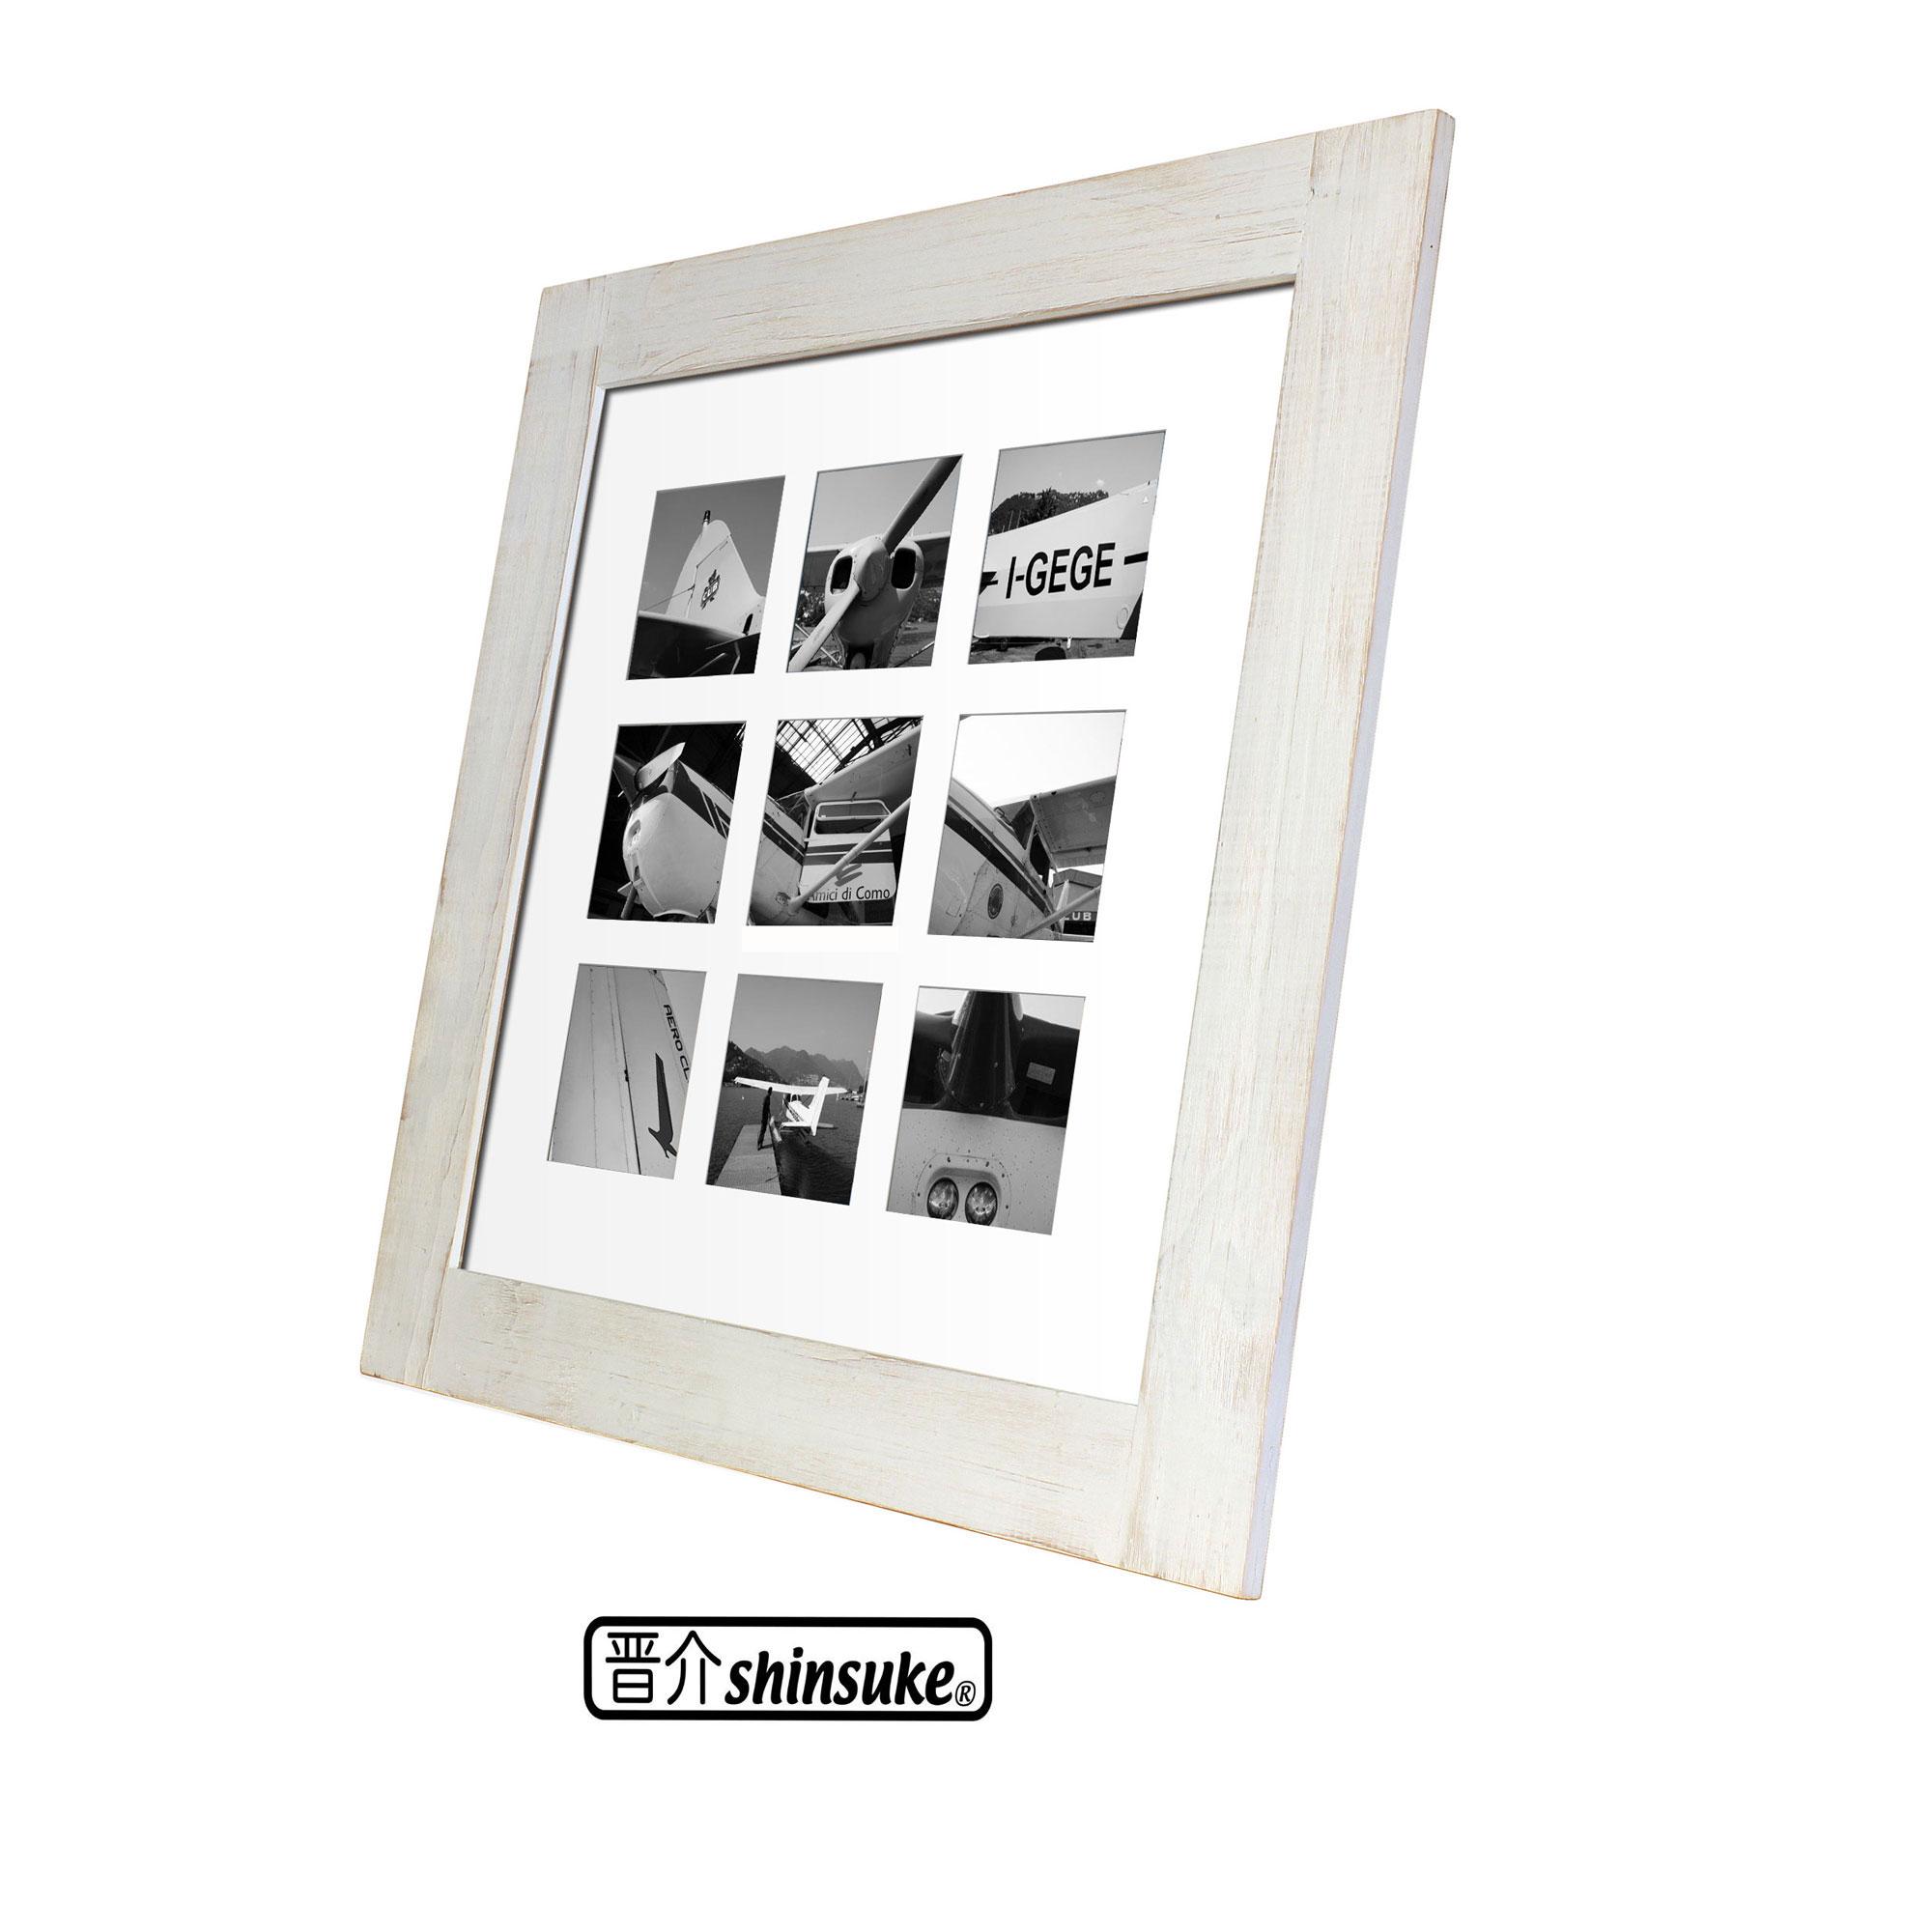 Collage Bilderrahmen - Kopenhagen whitewash Multishot ...